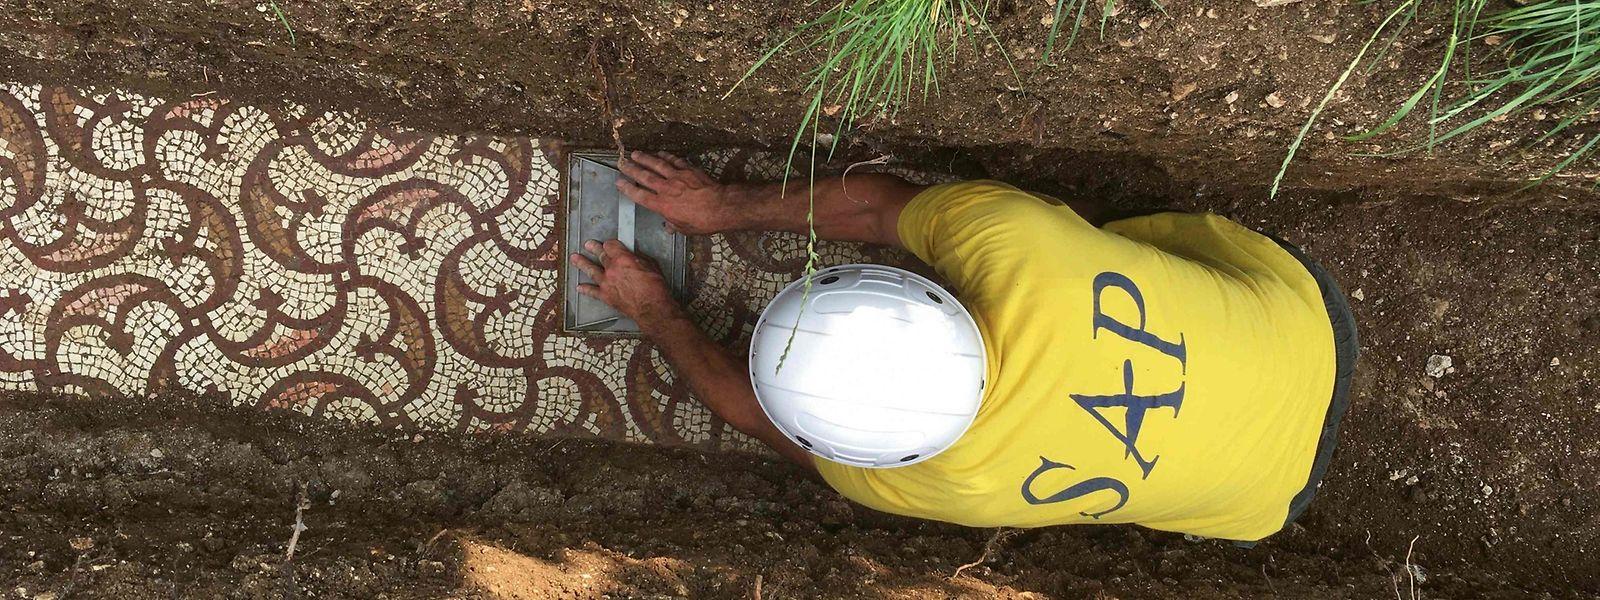 Ein Archäologe beim Freilegen des Funds.